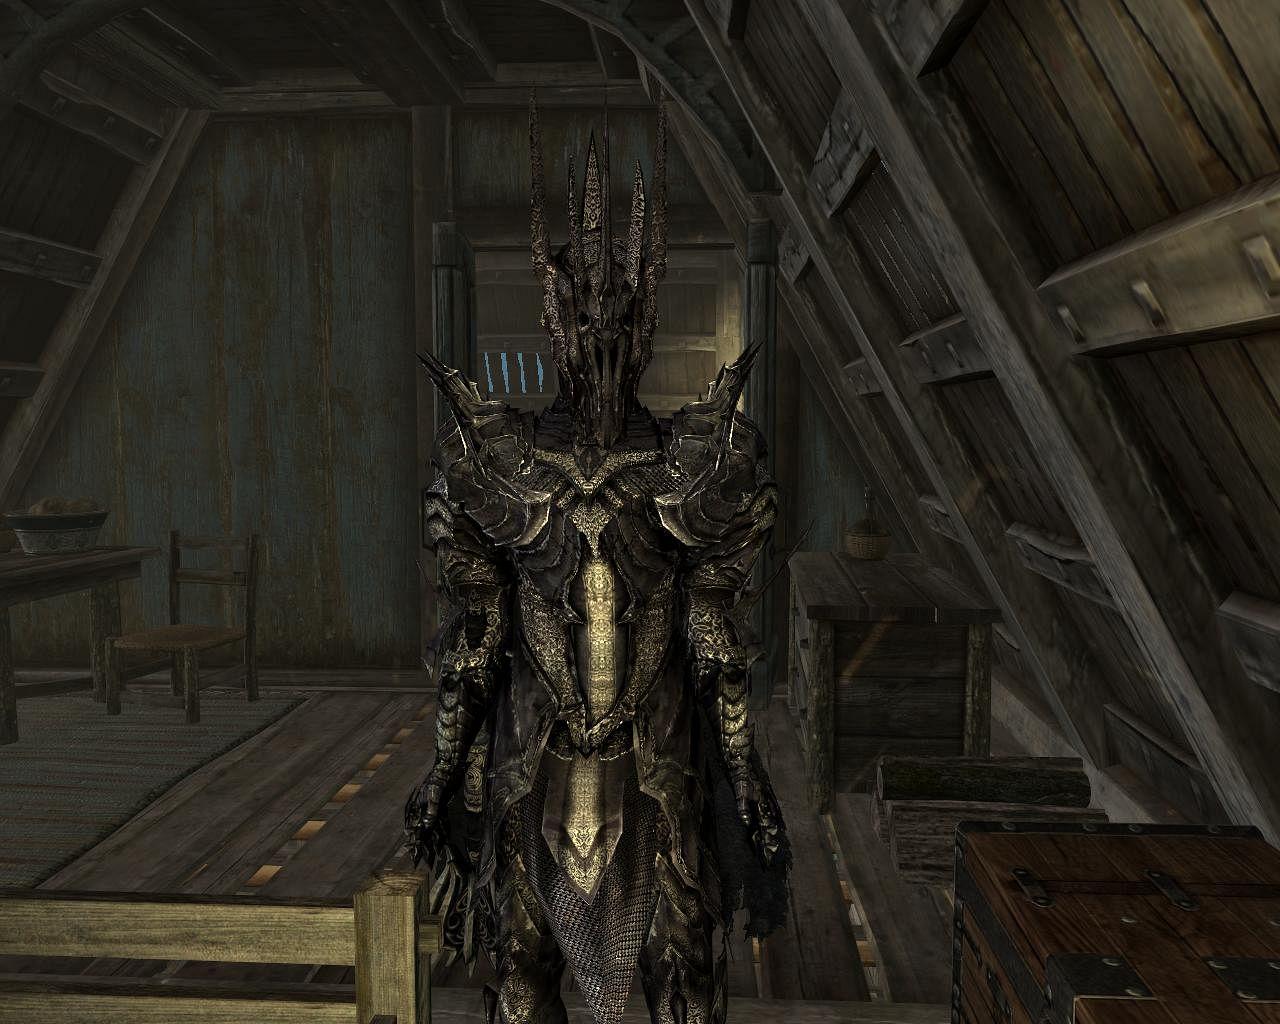 Skyrim mod: доспехи саурона / shadow of mordor sauron's armor.